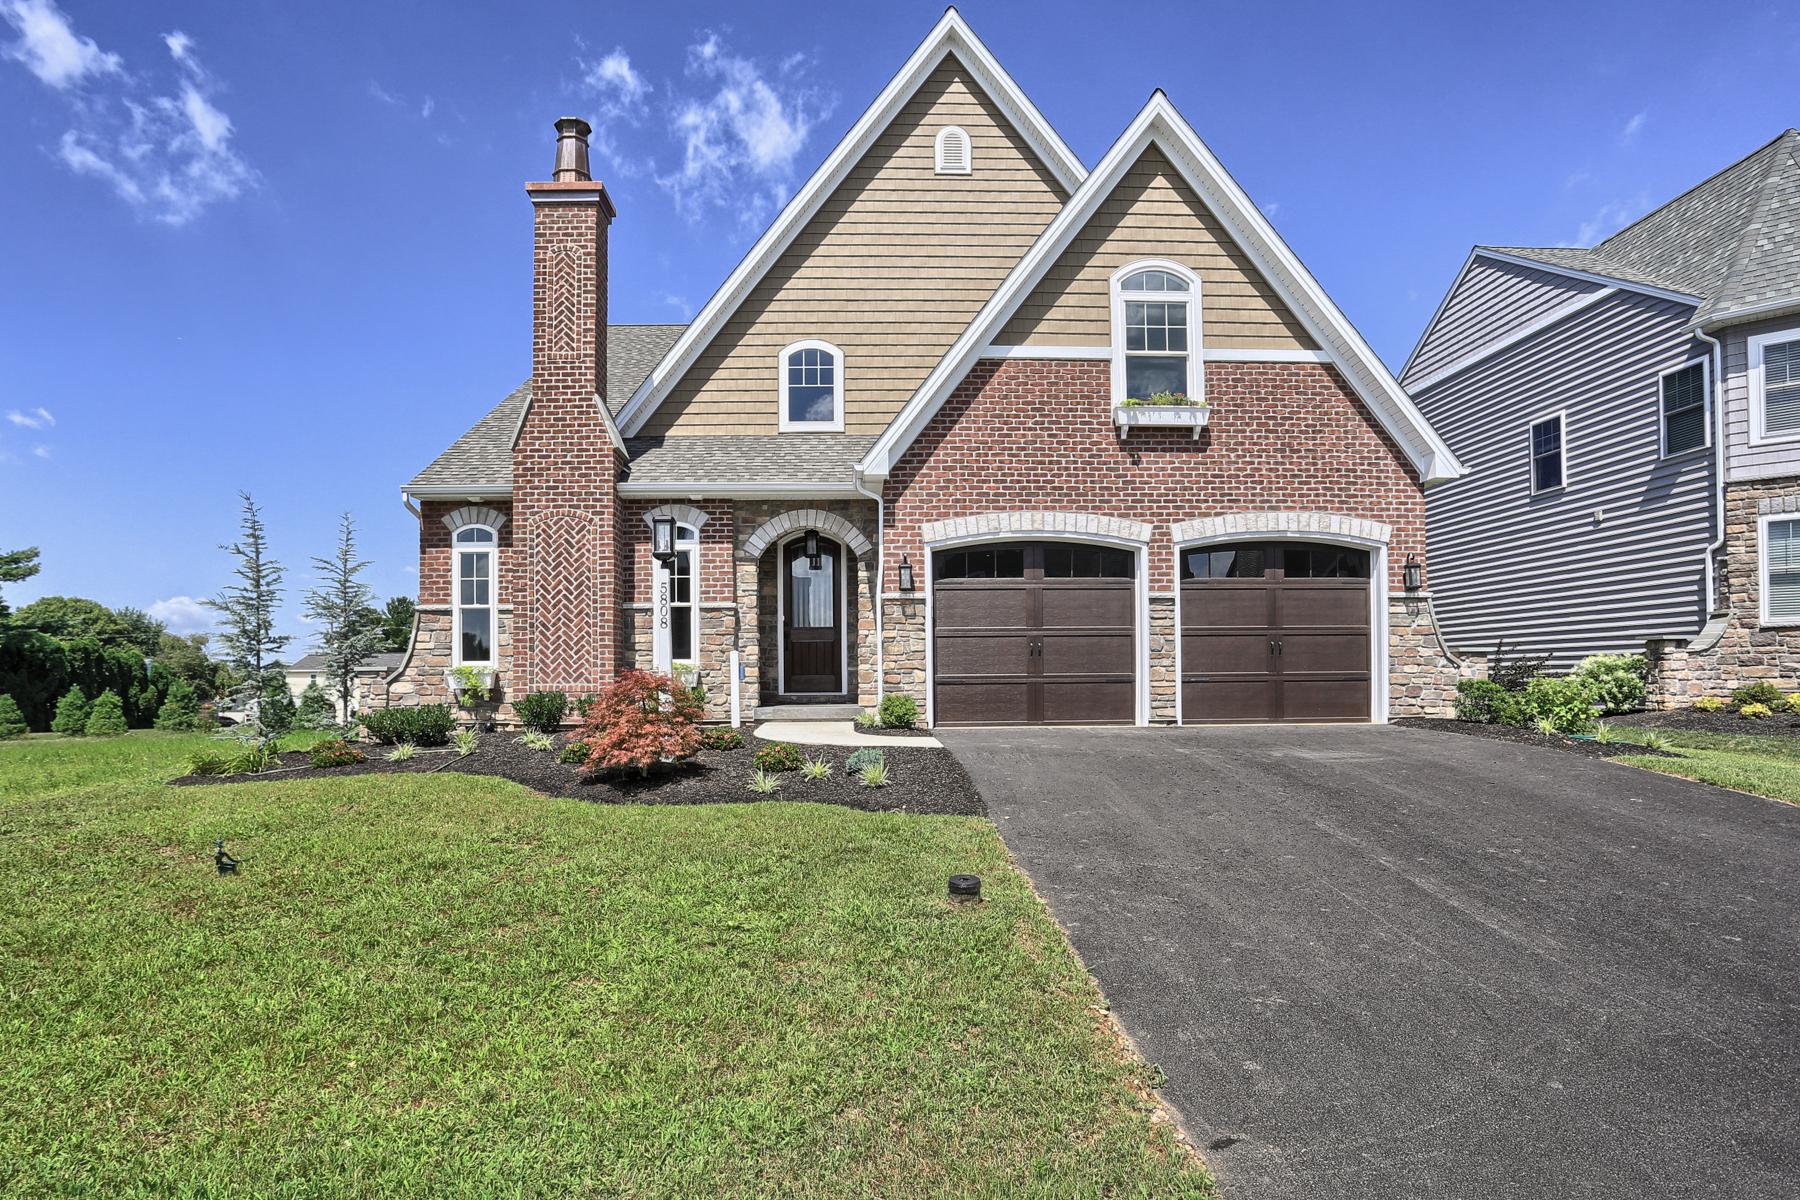 Maison unifamiliale pour l Vente à 5808 Wild Lilac Drive East Petersburg, Pennsylvanie 17520 États-Unis